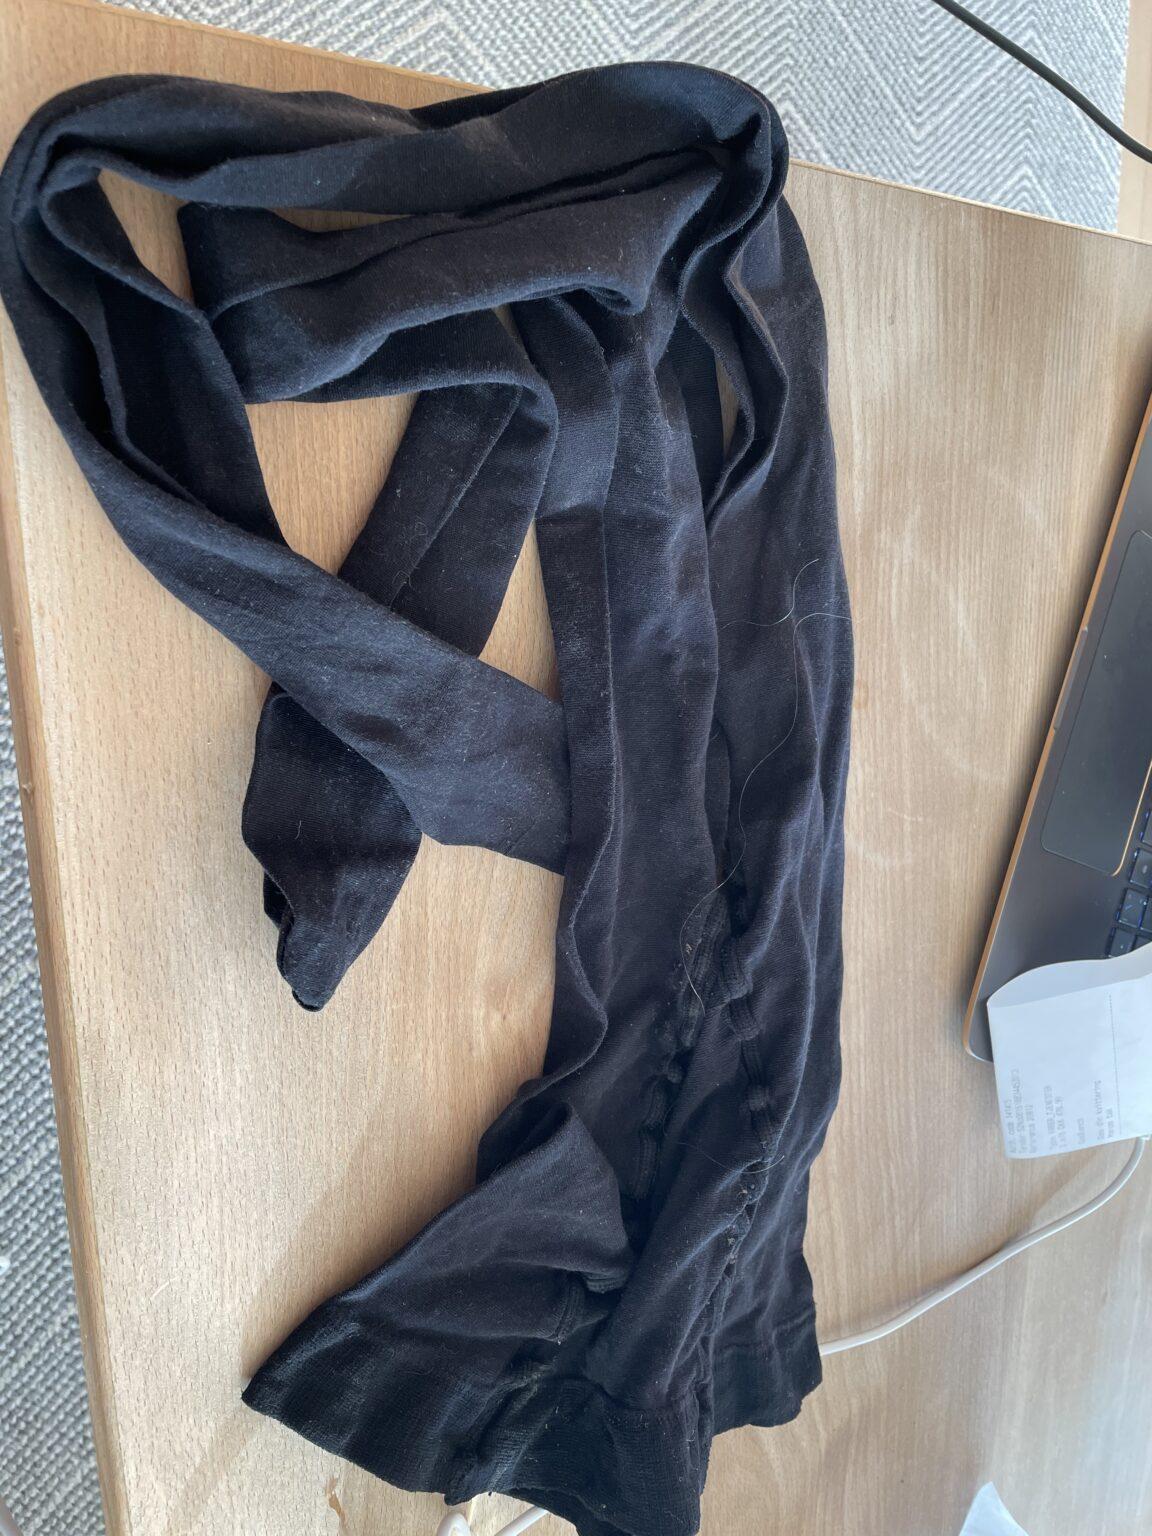 Køb mine frække beskidte strømpebukser str. XL - Brugte